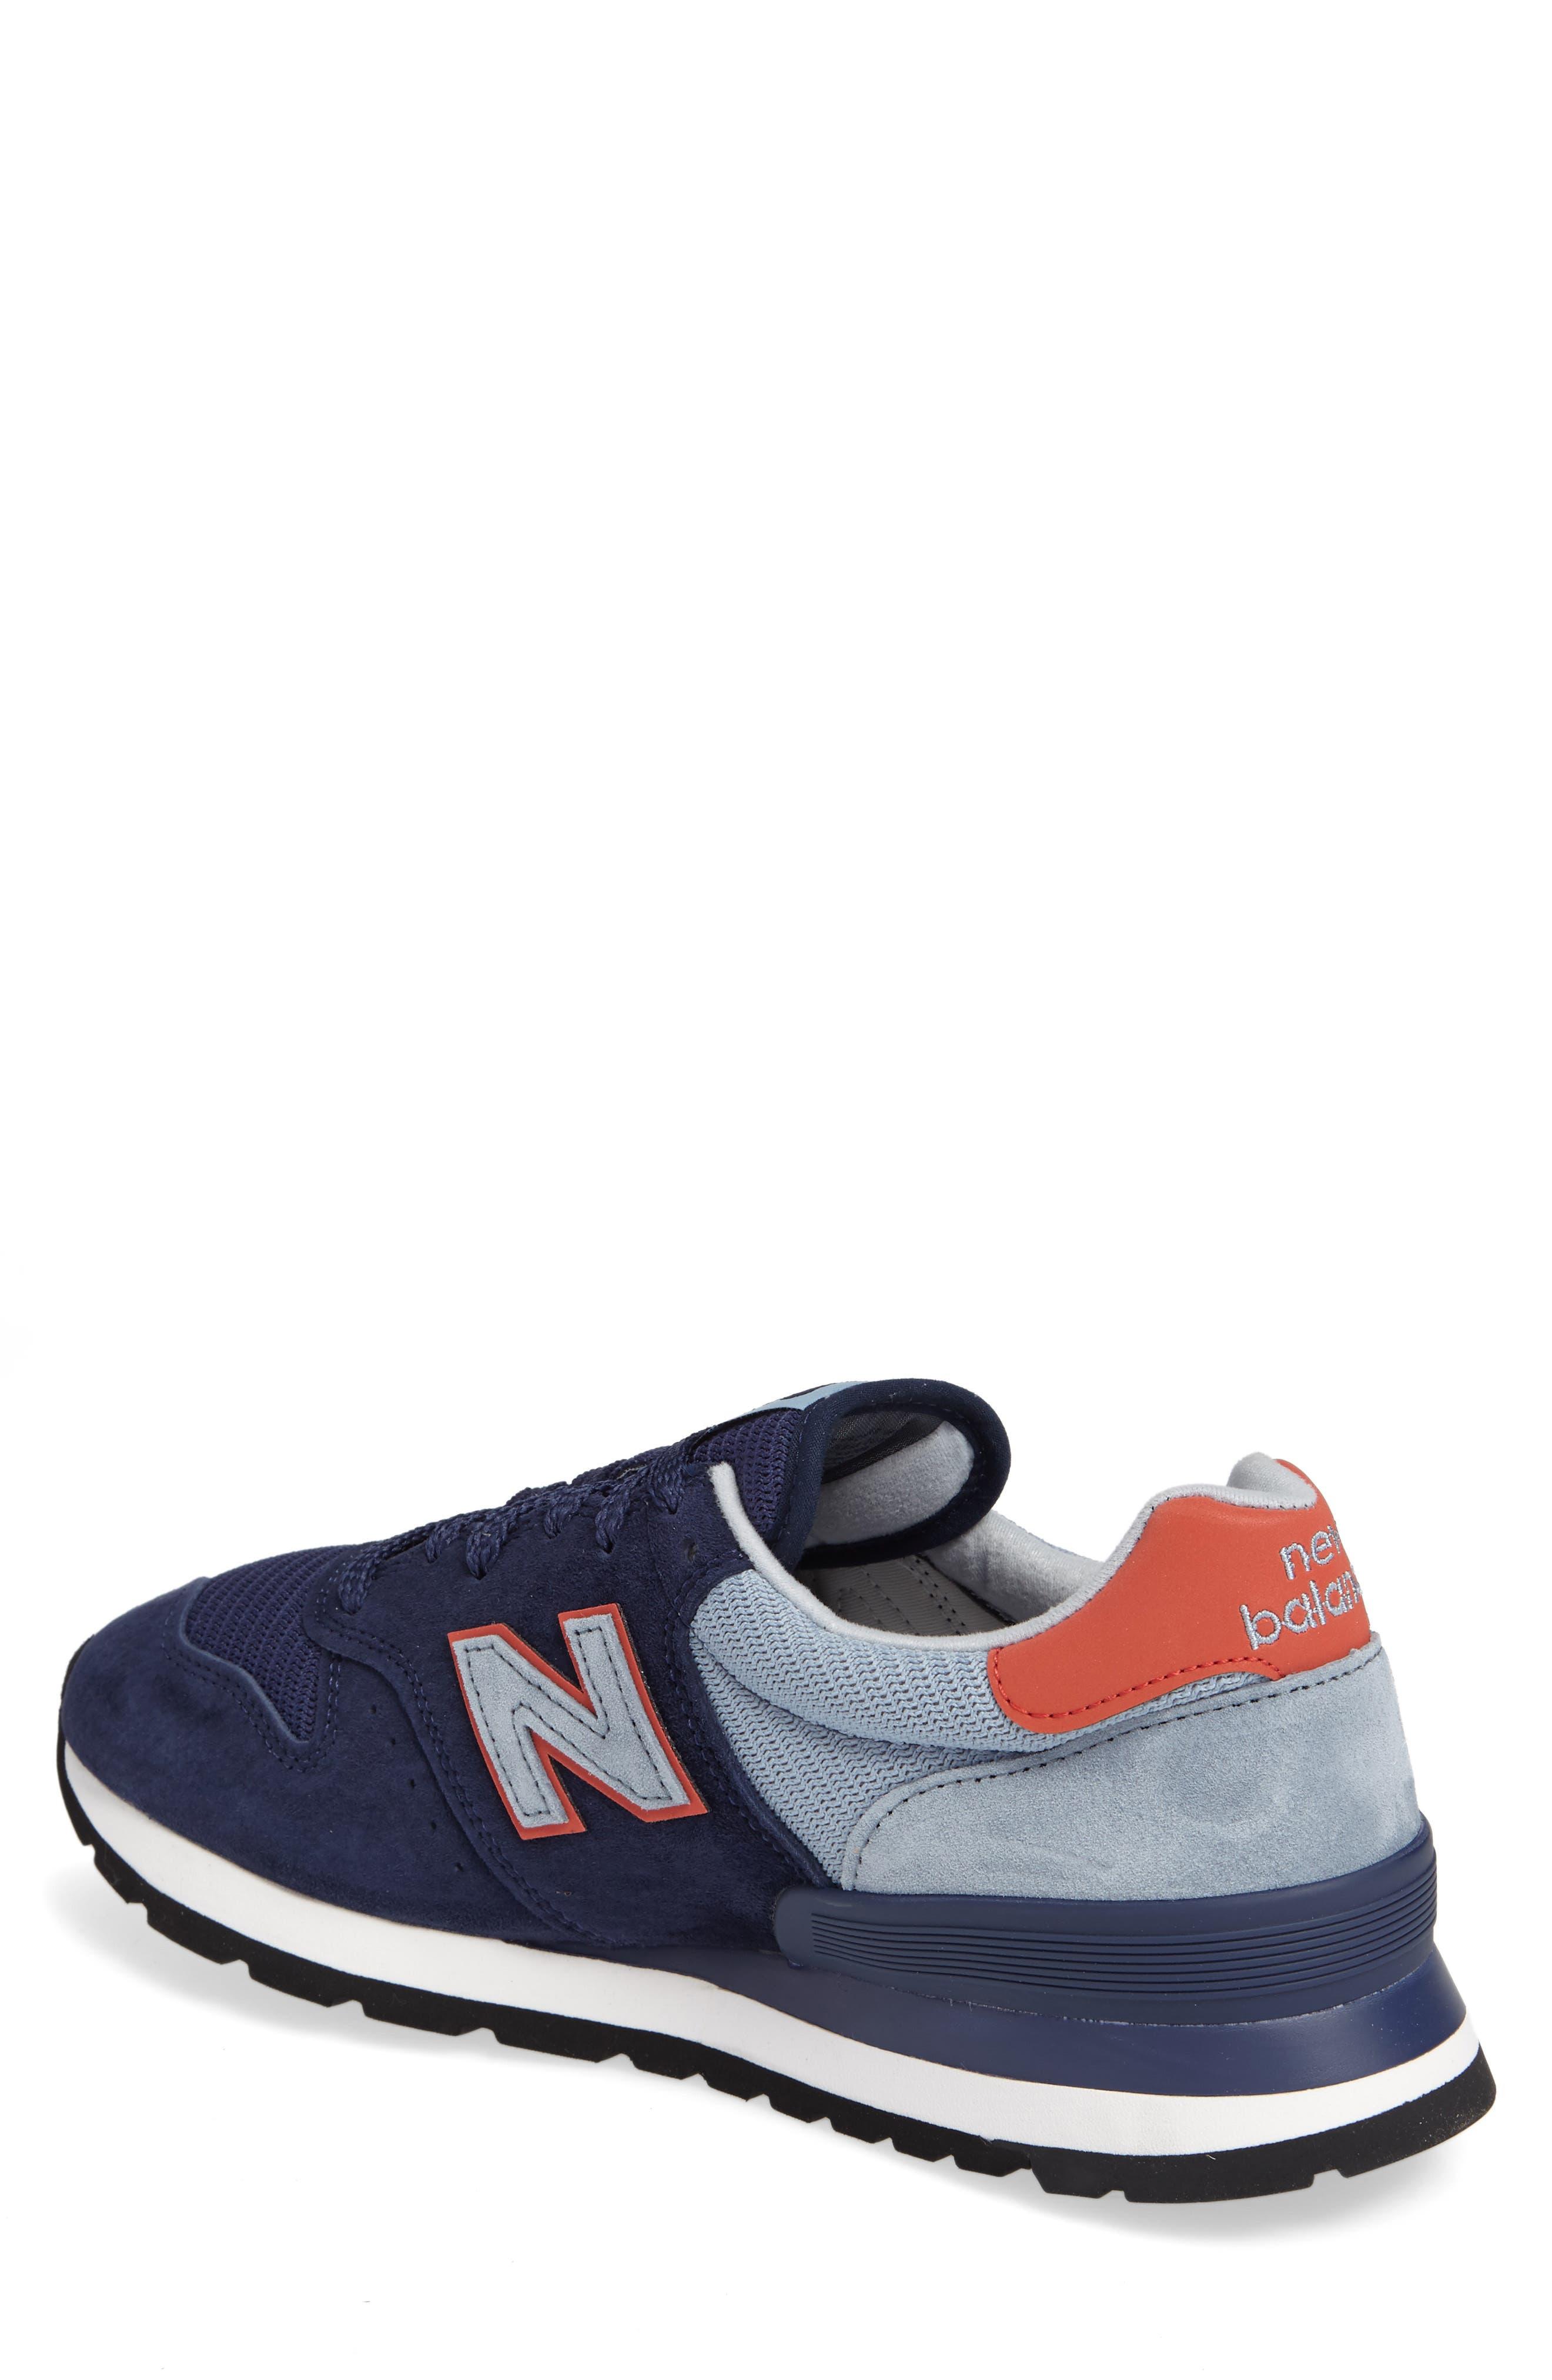 995 Sneaker,                             Alternate thumbnail 2, color,